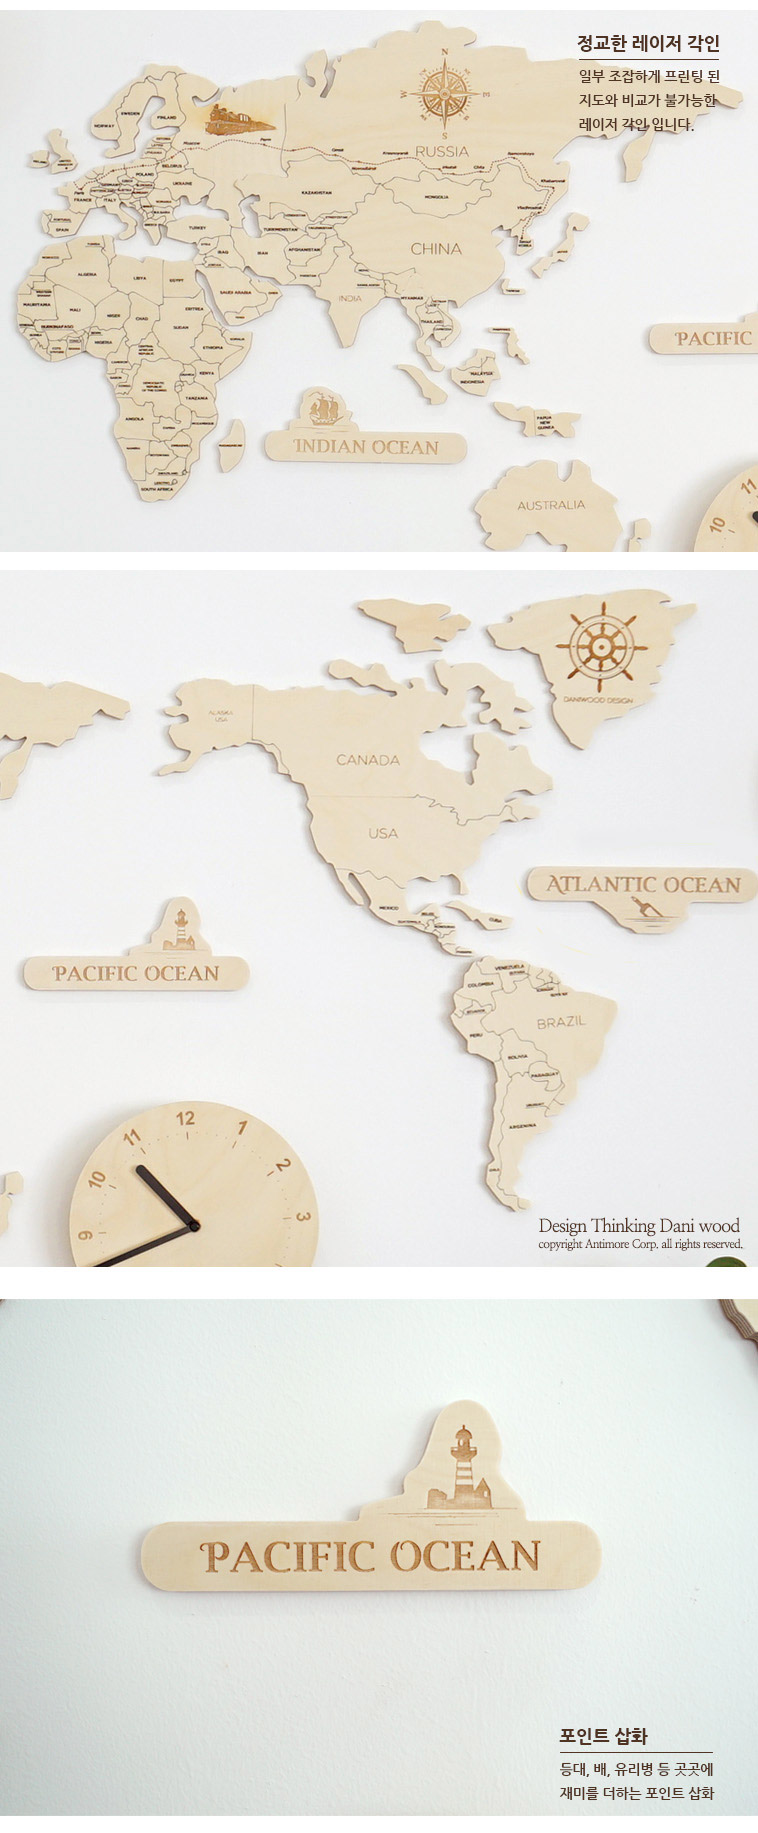 실크로드 세계지도 벽시계(소)84,000원-데코플러스인테리어, 시계, 벽시계, 디자인바보사랑실크로드 세계지도 벽시계(소)84,000원-데코플러스인테리어, 시계, 벽시계, 디자인바보사랑